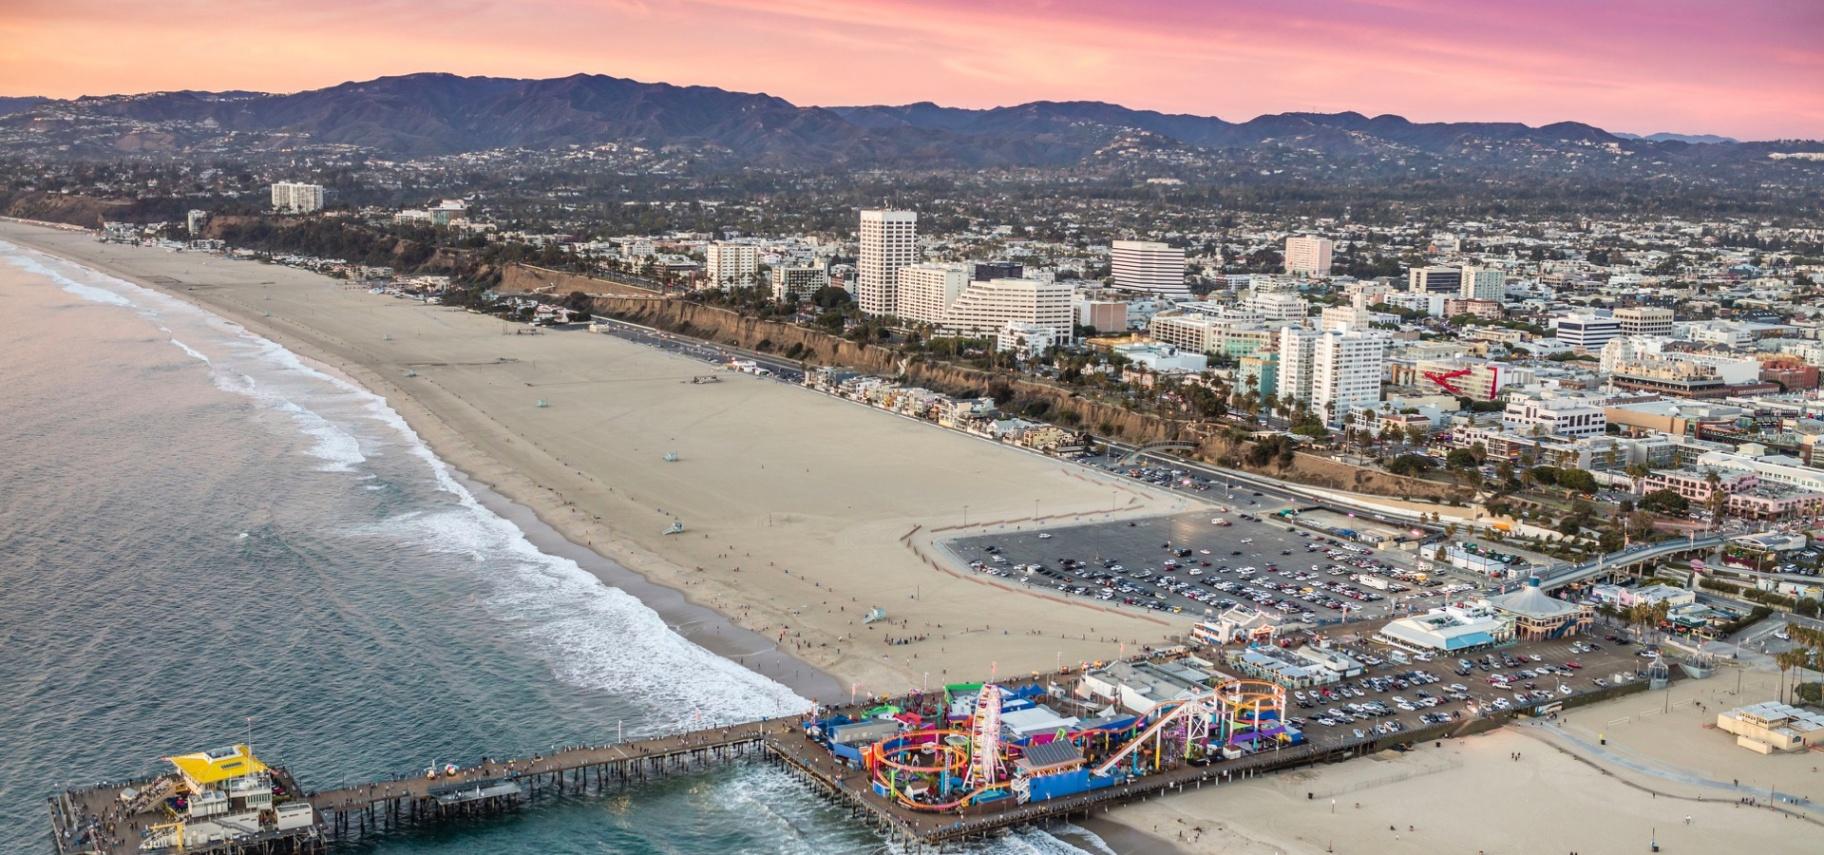 koppla in Santa Monica